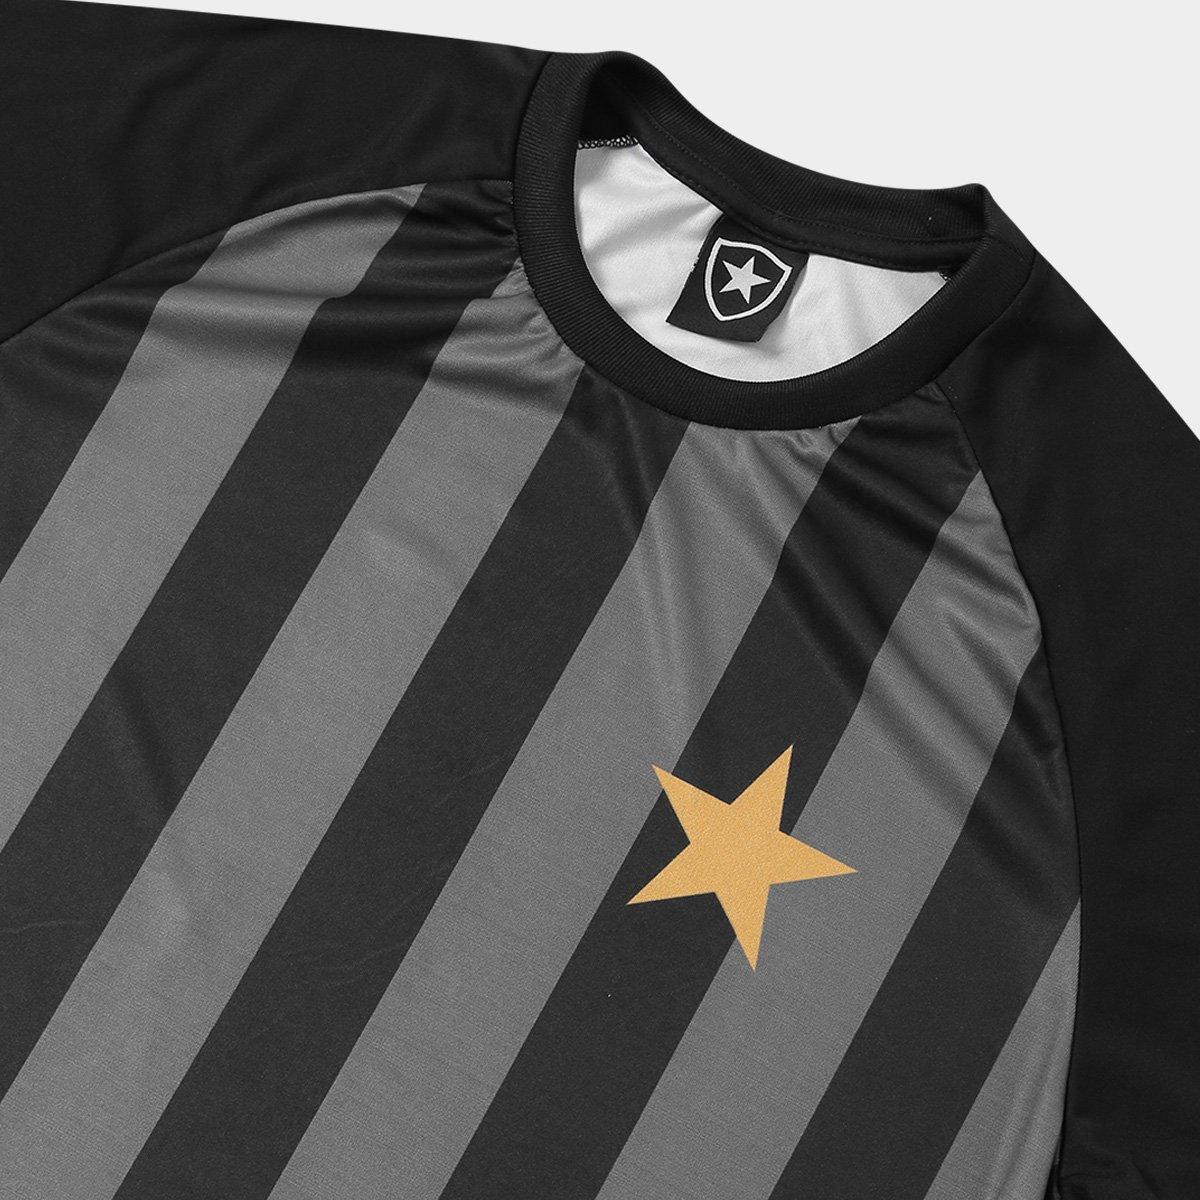 bab2cf9c6b Camisa Botafogo Estrela Gold nº 7 - Edição Limitada Masculina ...